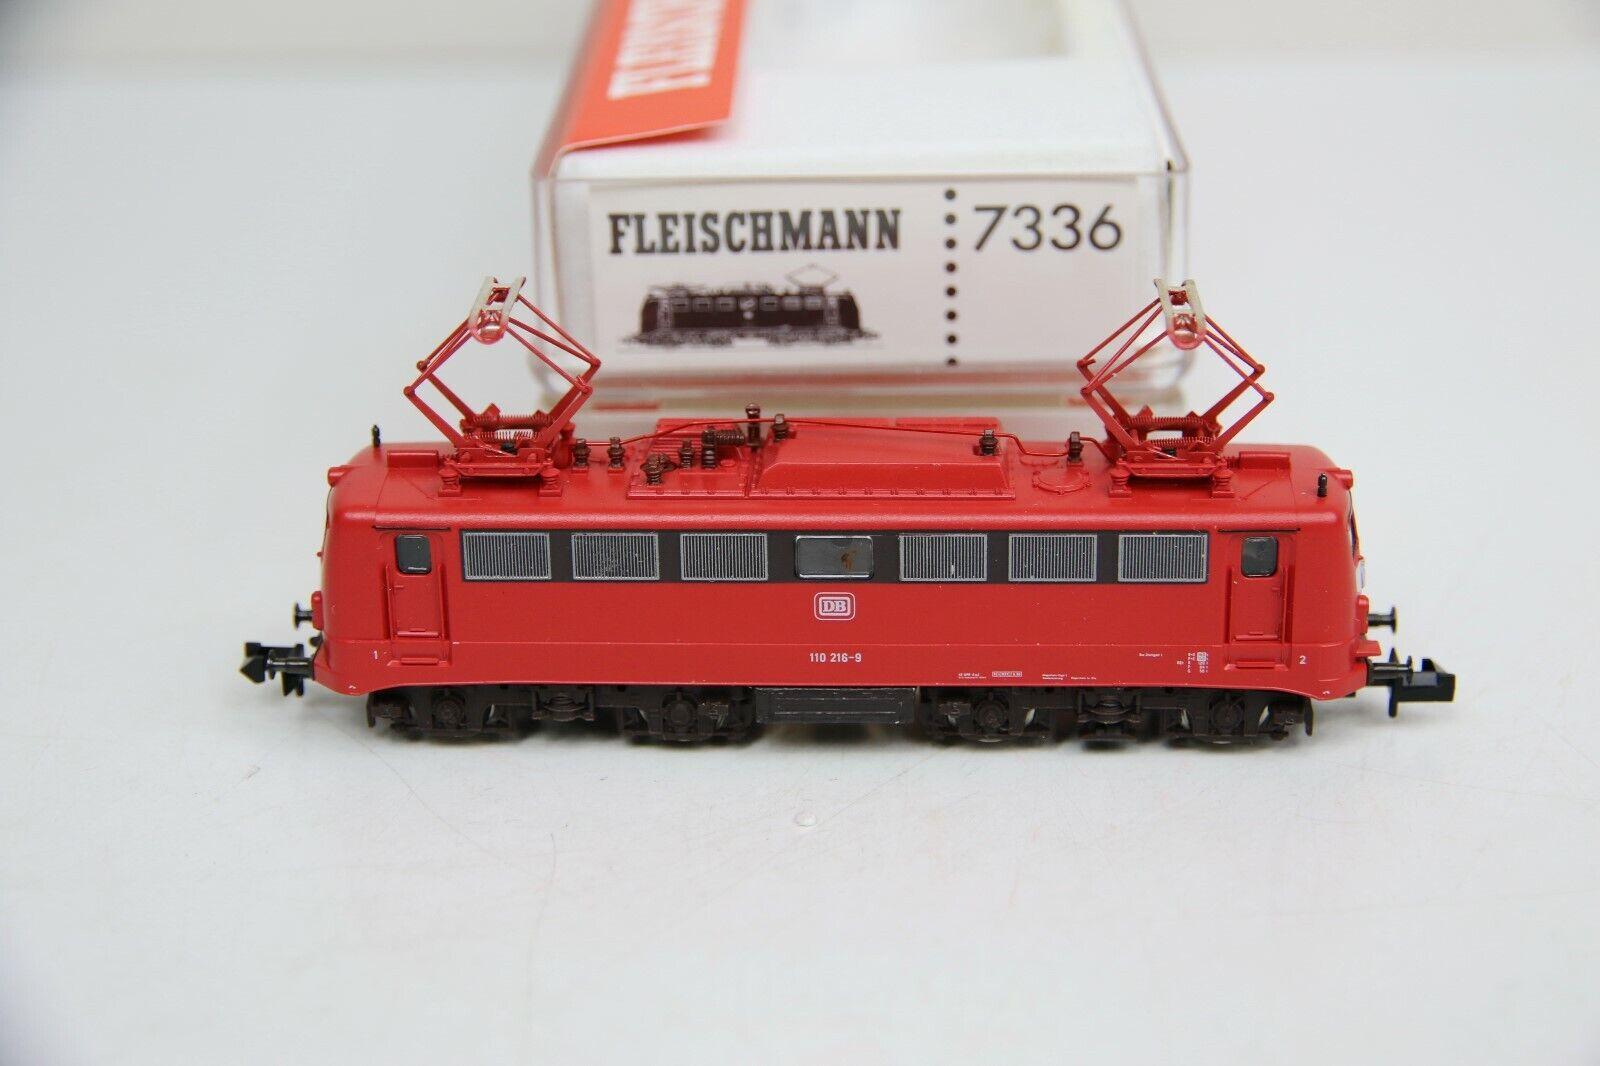 Fleischuomon Spur N 7336 ELok BR 110 2169 delle DB in OVP rb9360